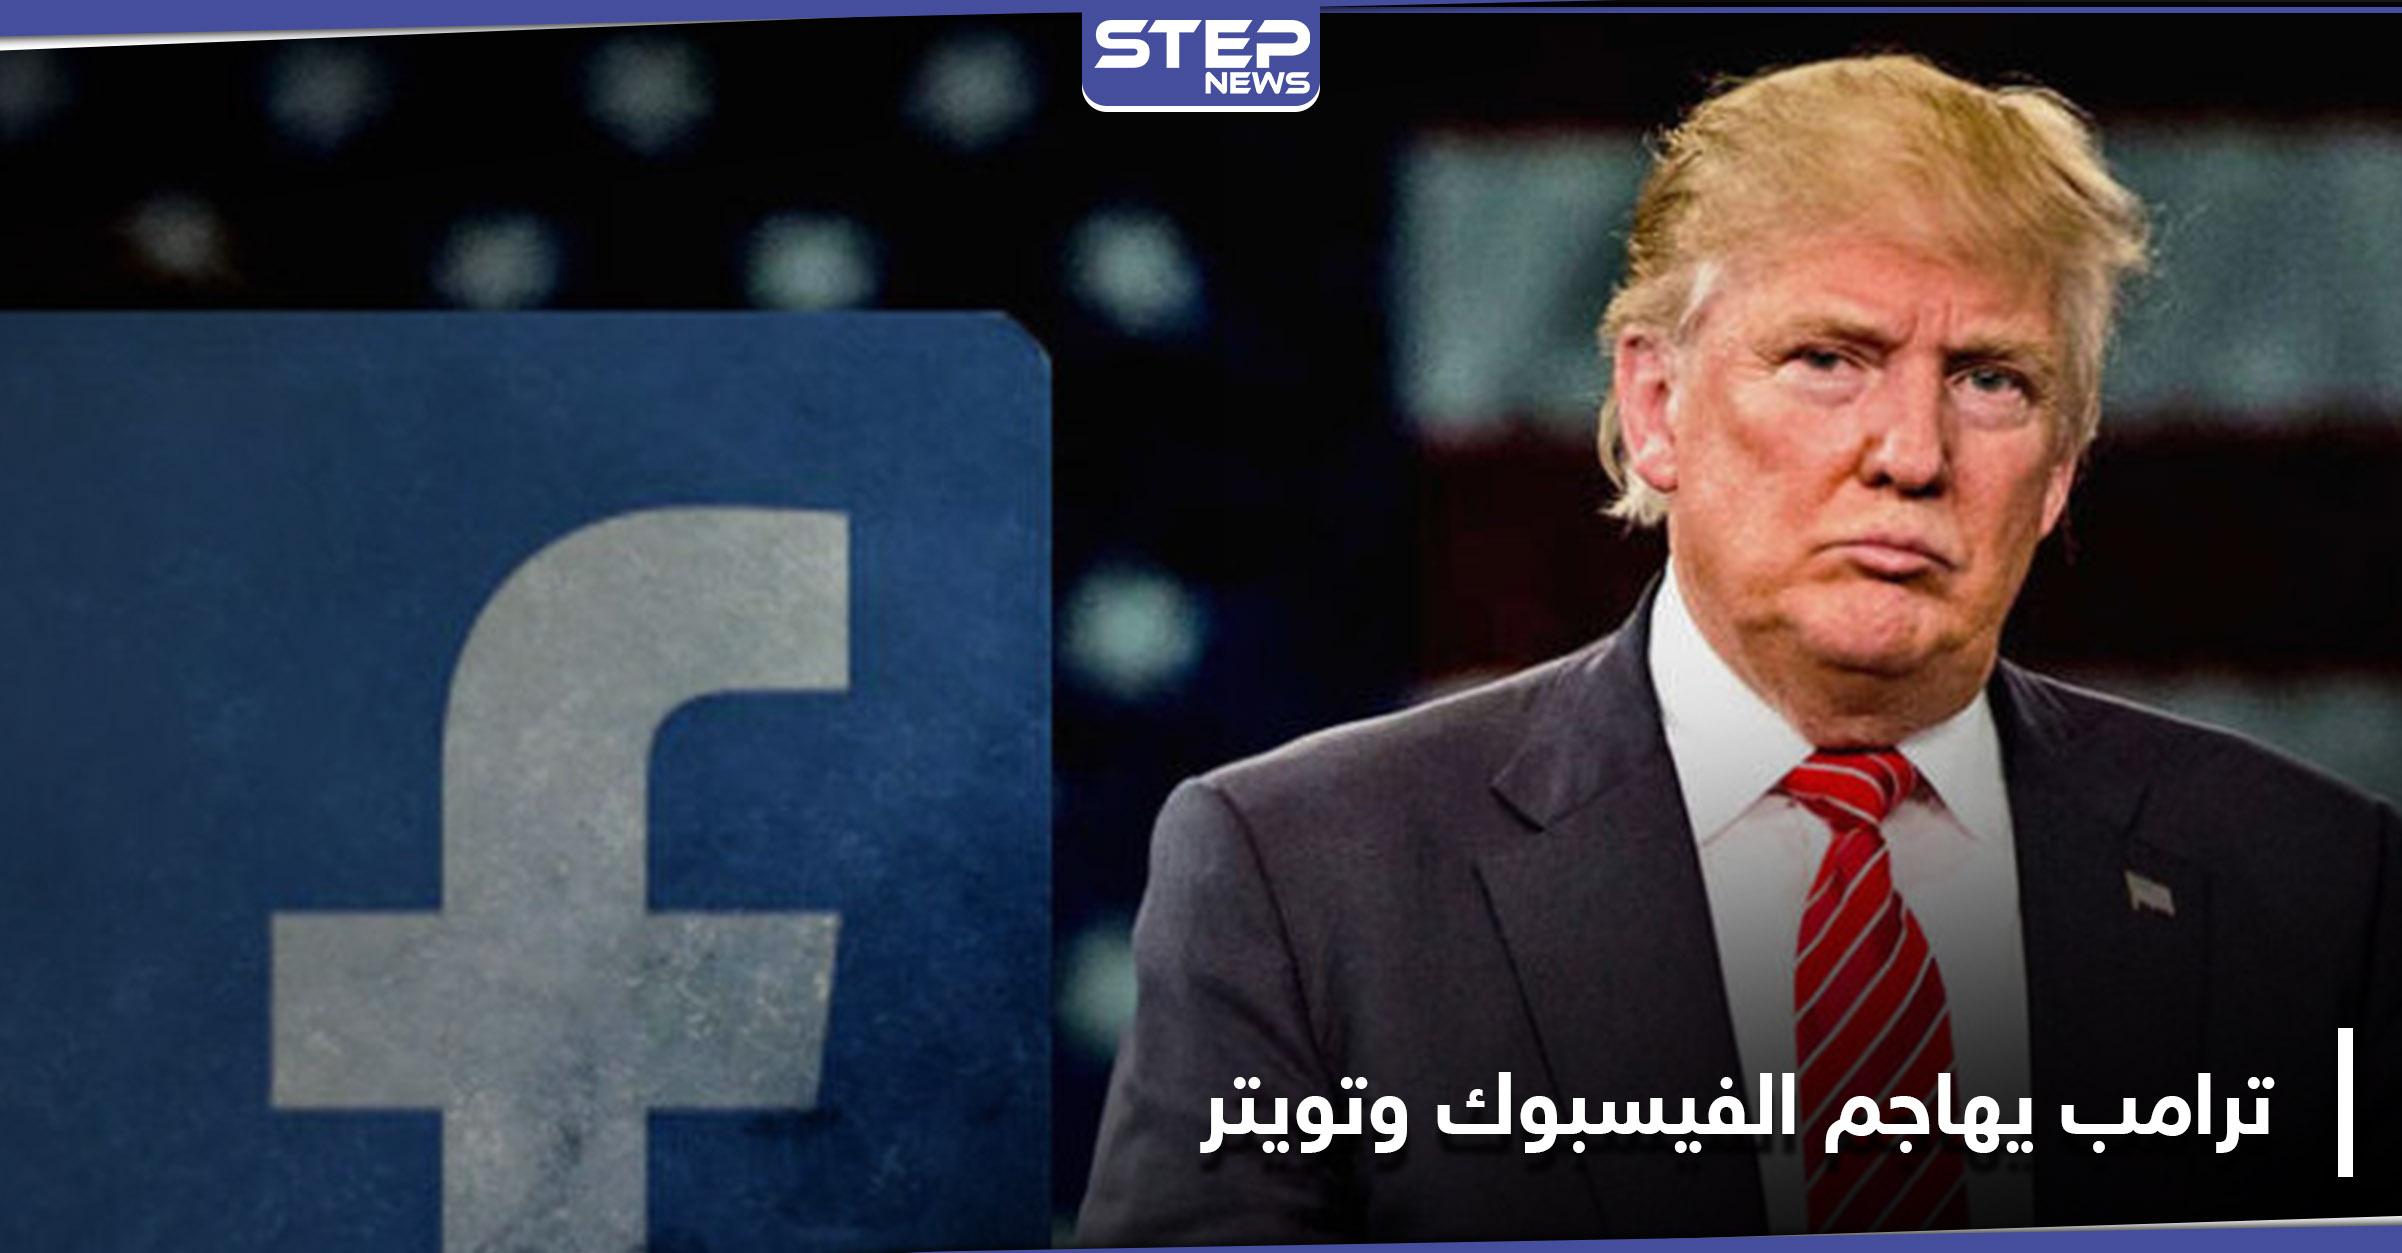 ترامب يهاجم الفيس بوك وتويتر